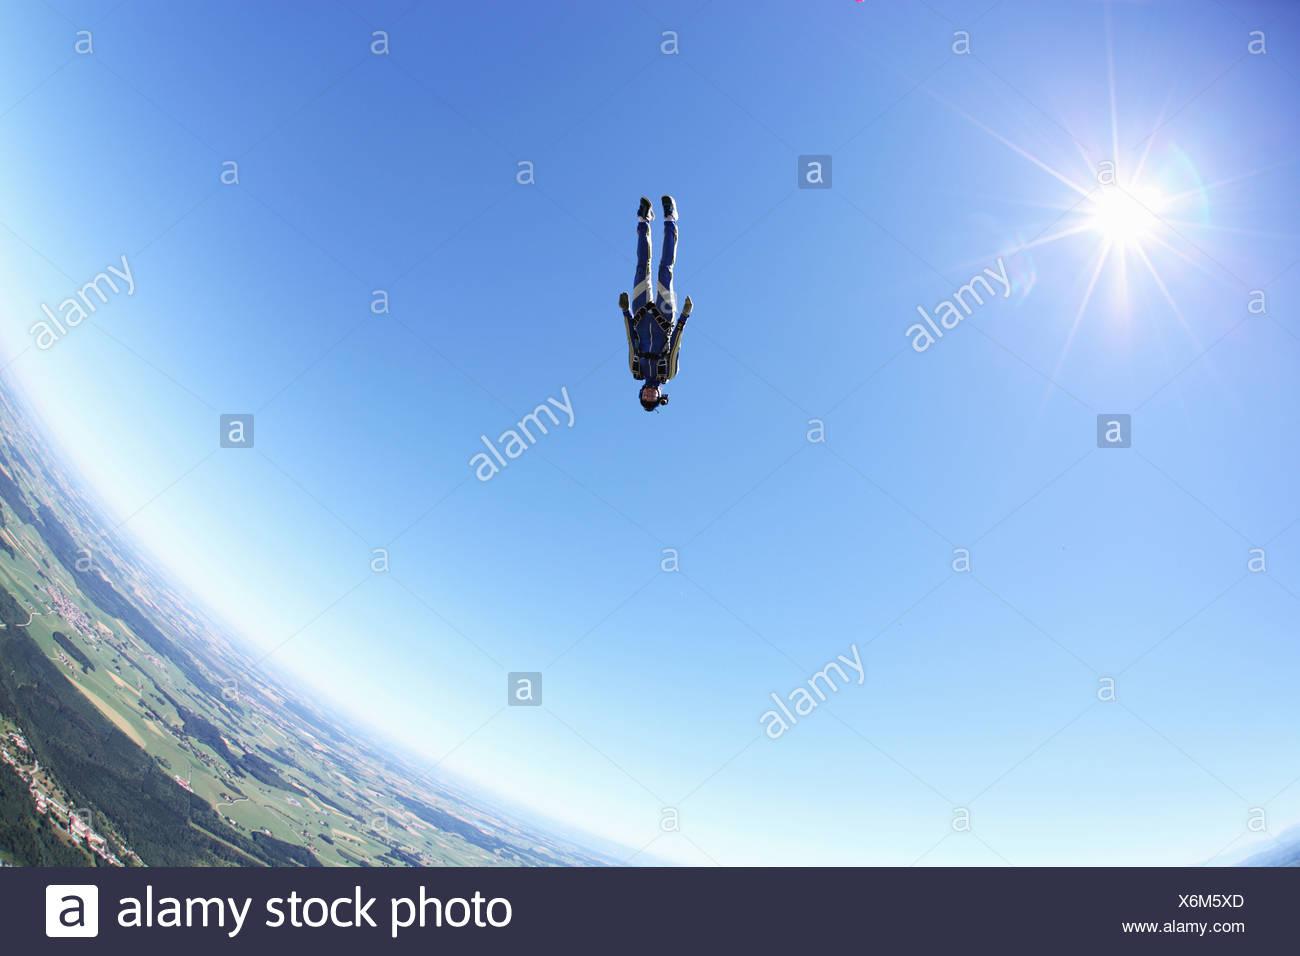 Weibliche Fallschirmspringer frei fallenden Kopf zuerst über Leutkirch, Bayern, Deutschland Stockbild